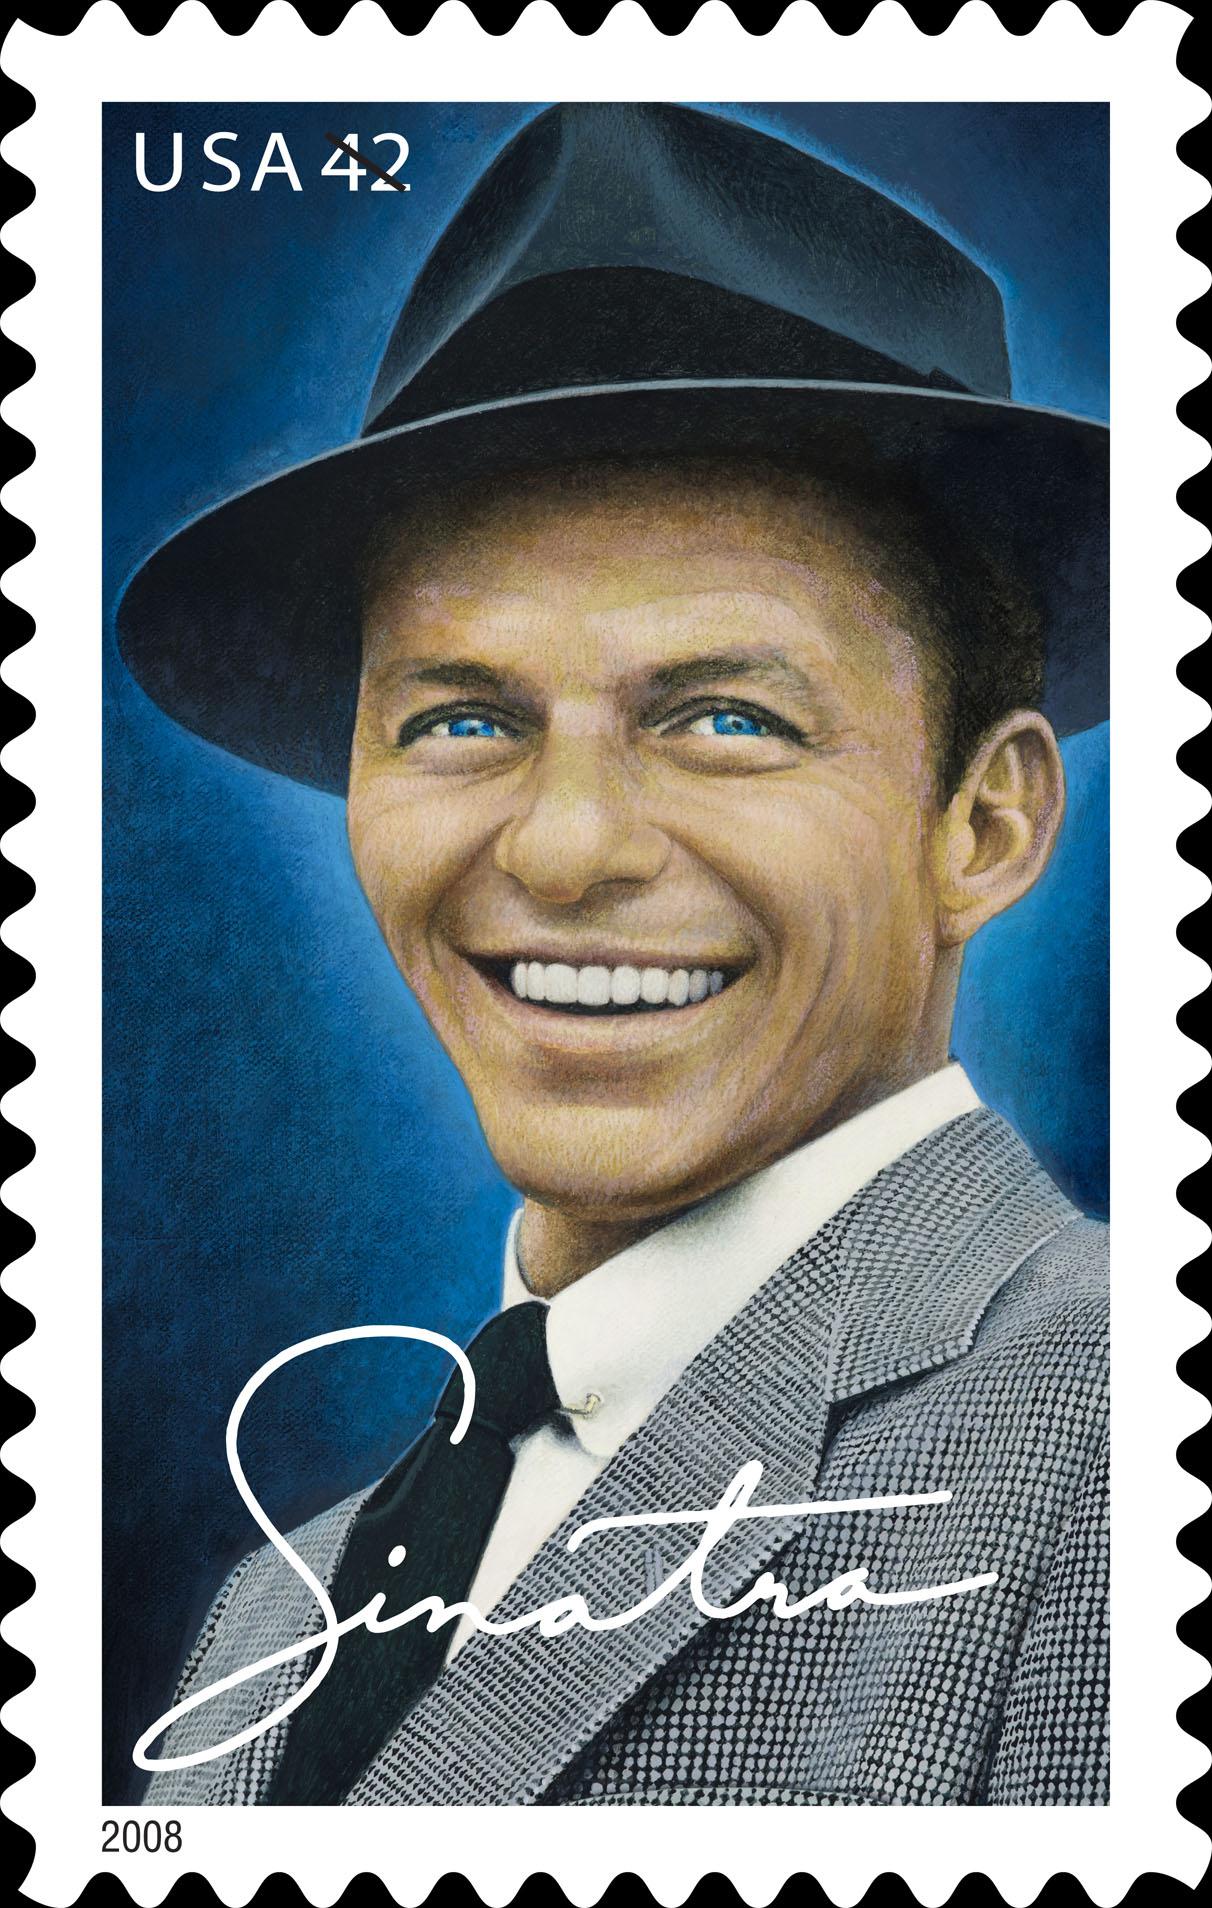 Sentite la vostra carriera bloccata? Applicate il metodo Sinatra